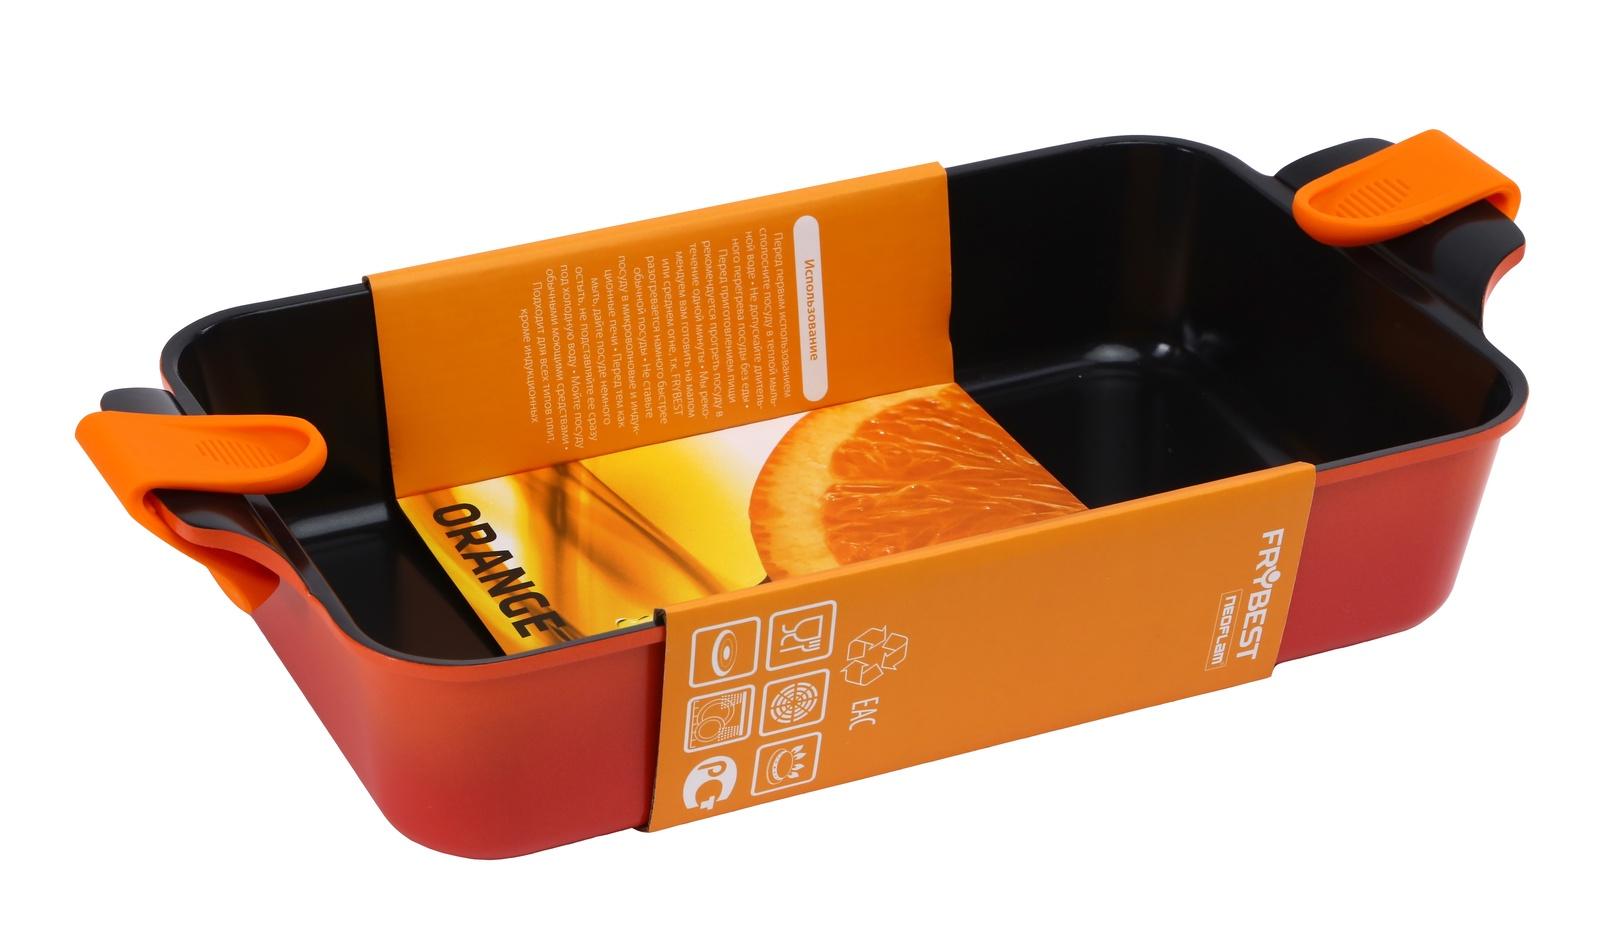 Форма для запекания FRYBEST ORCA-4422 Orange форма 44*22 см, оранжевый цена